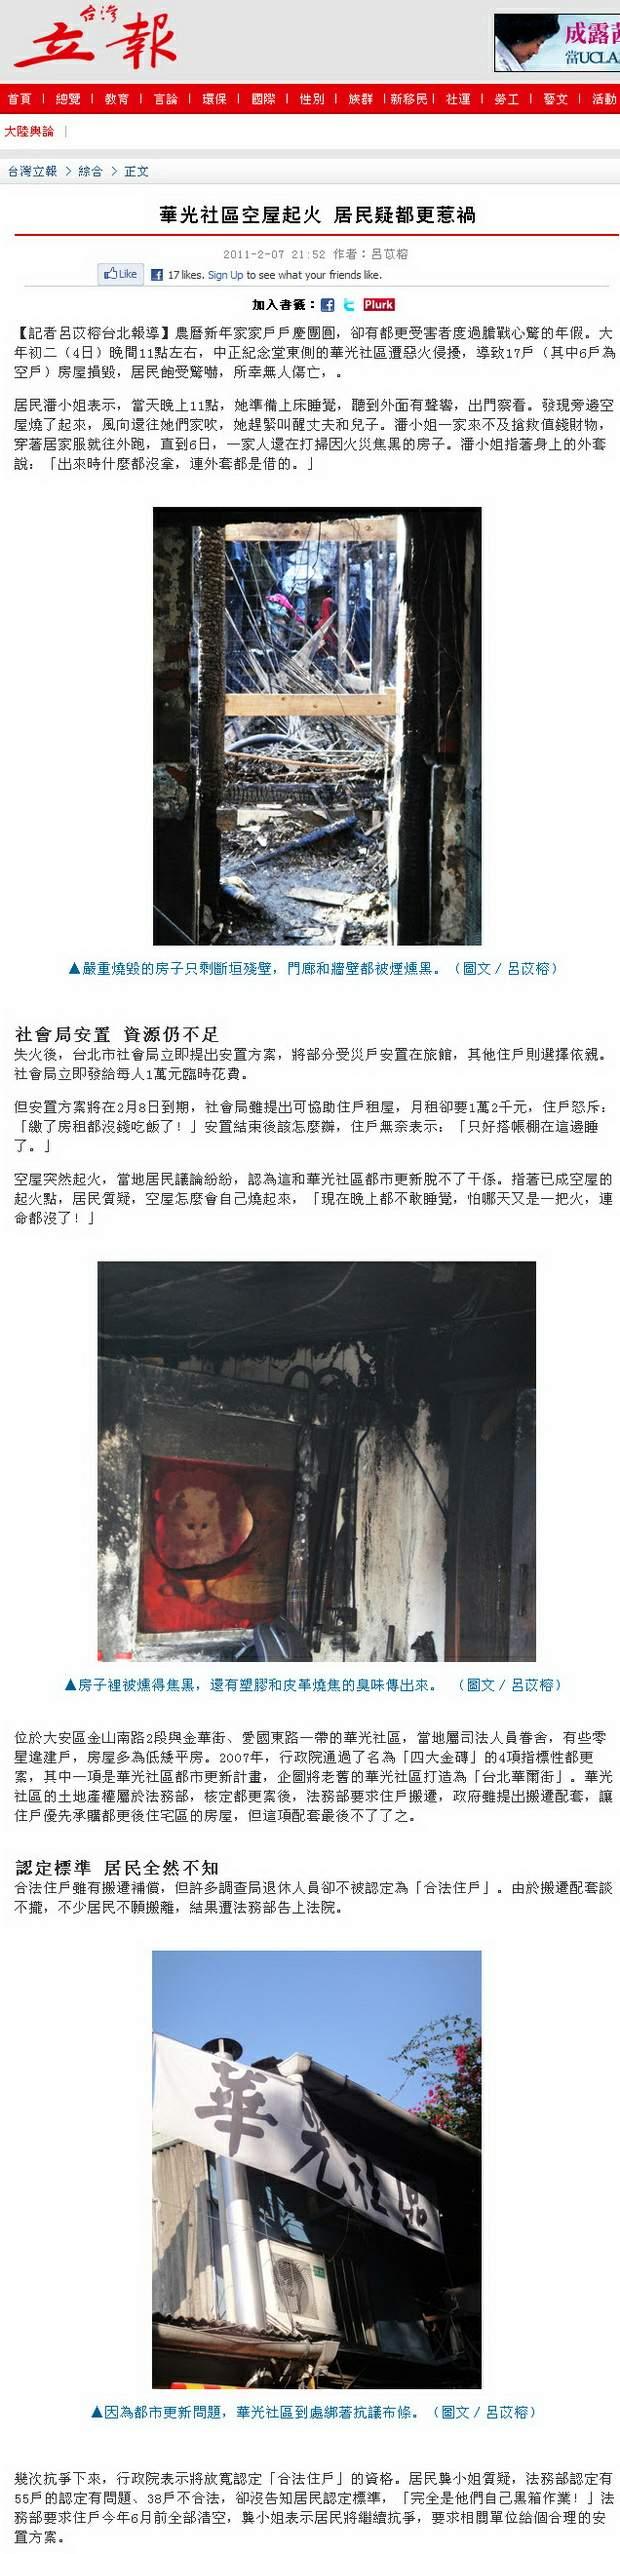 華光社區空屋起火 居民疑都更惹禍-2011.02.07.jpg